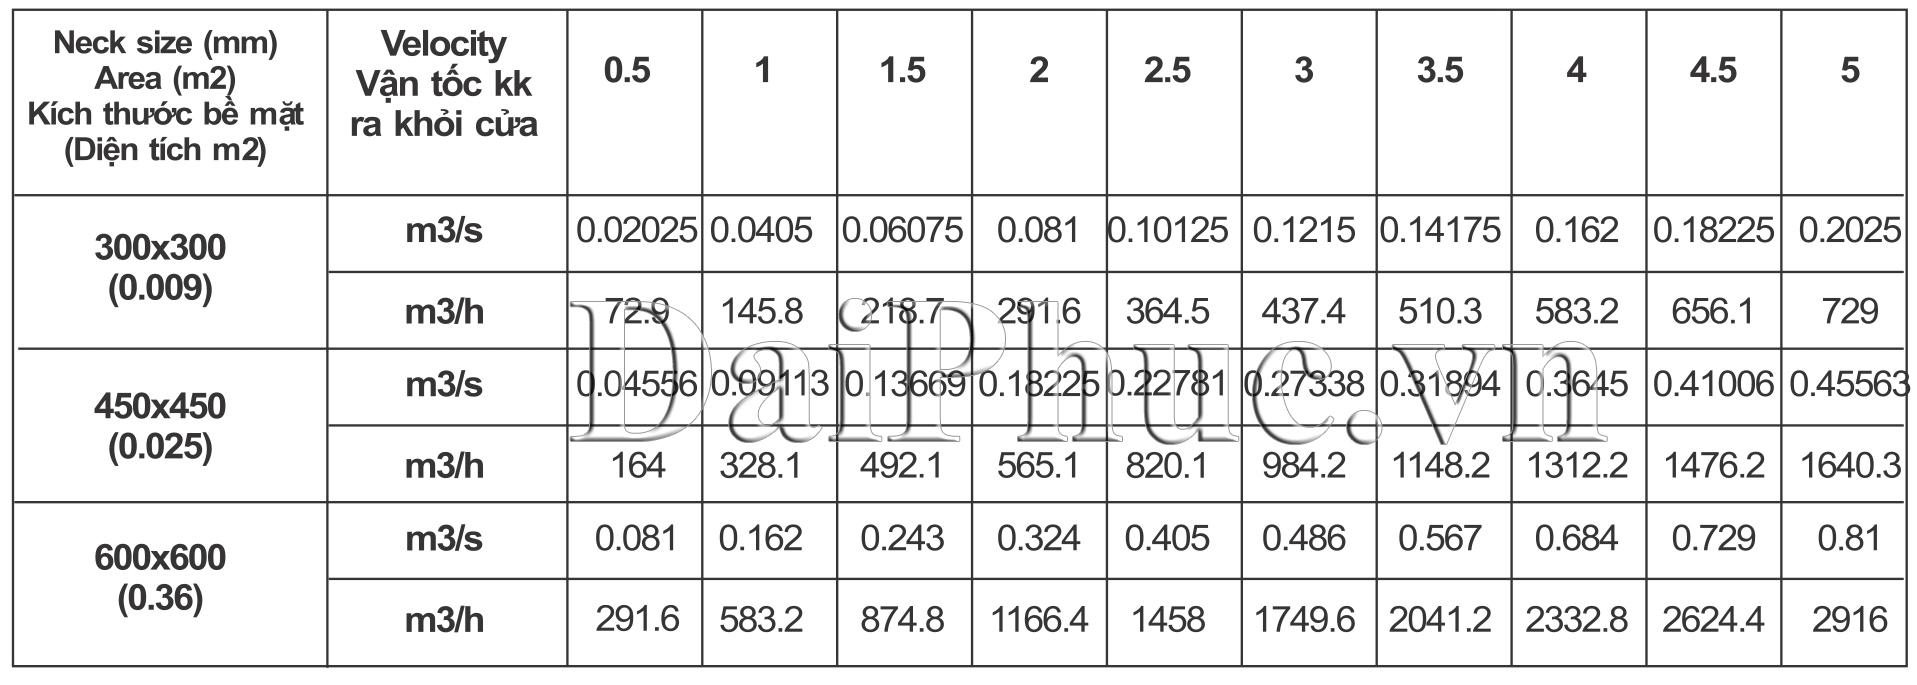 Dữ liệu cơ bản của Cửa hồi có lưới lọc bụi